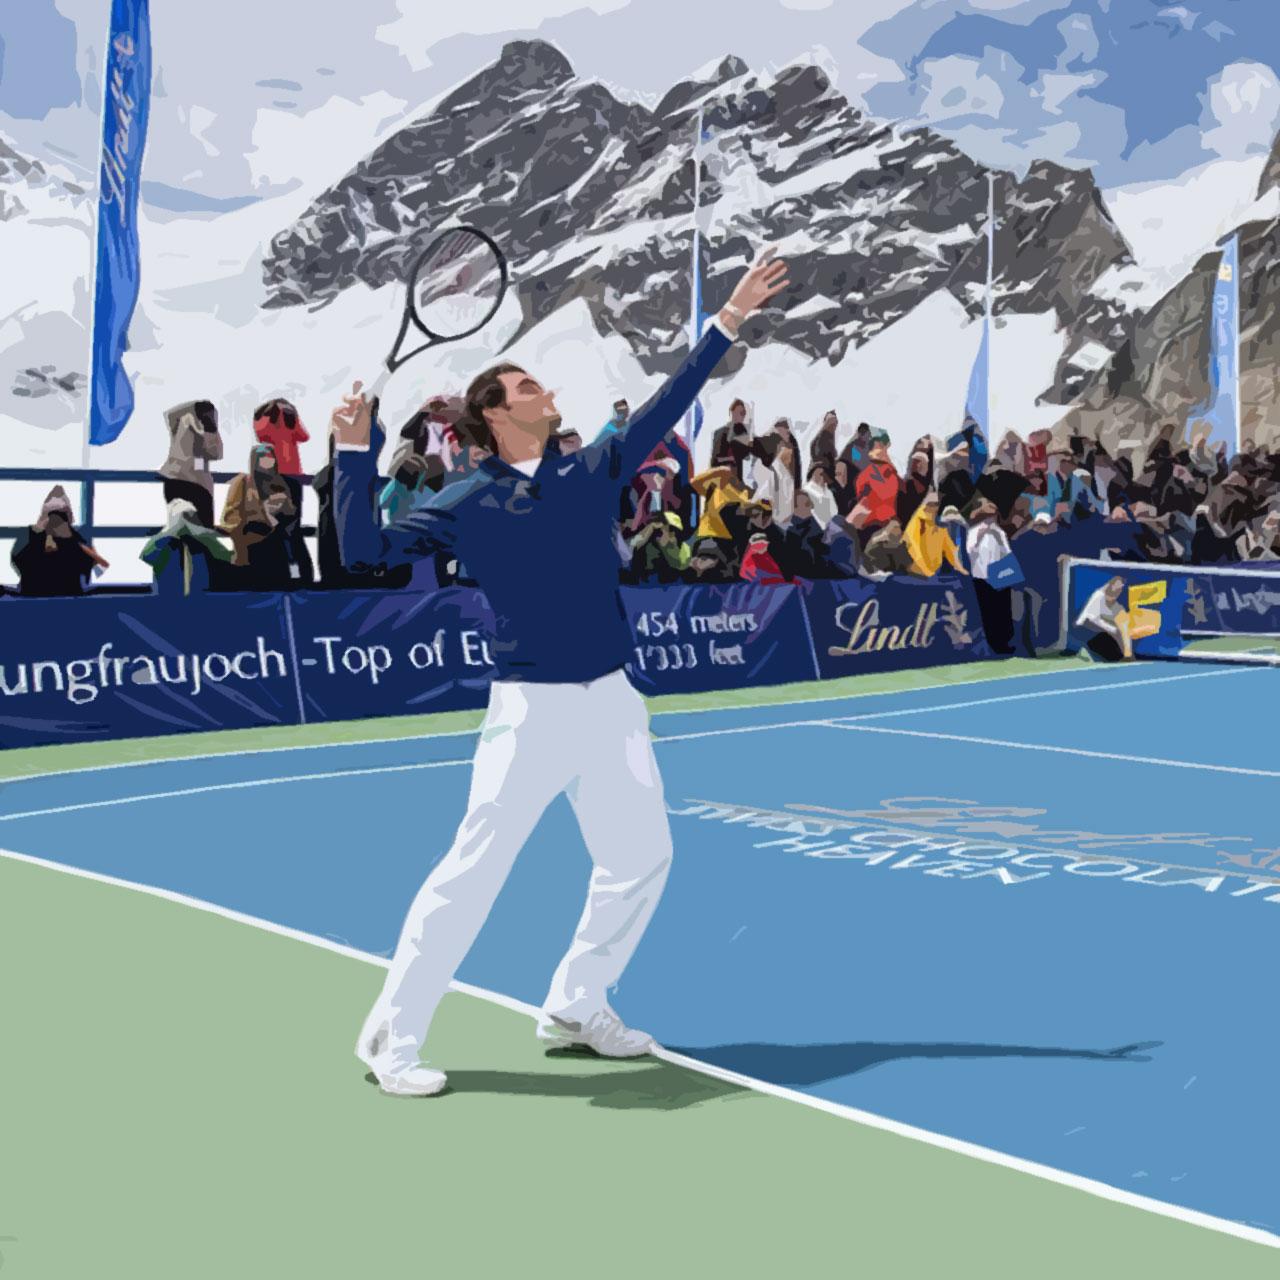 Roger Federer serves against Lindsey Vonn in the Swiss Alps